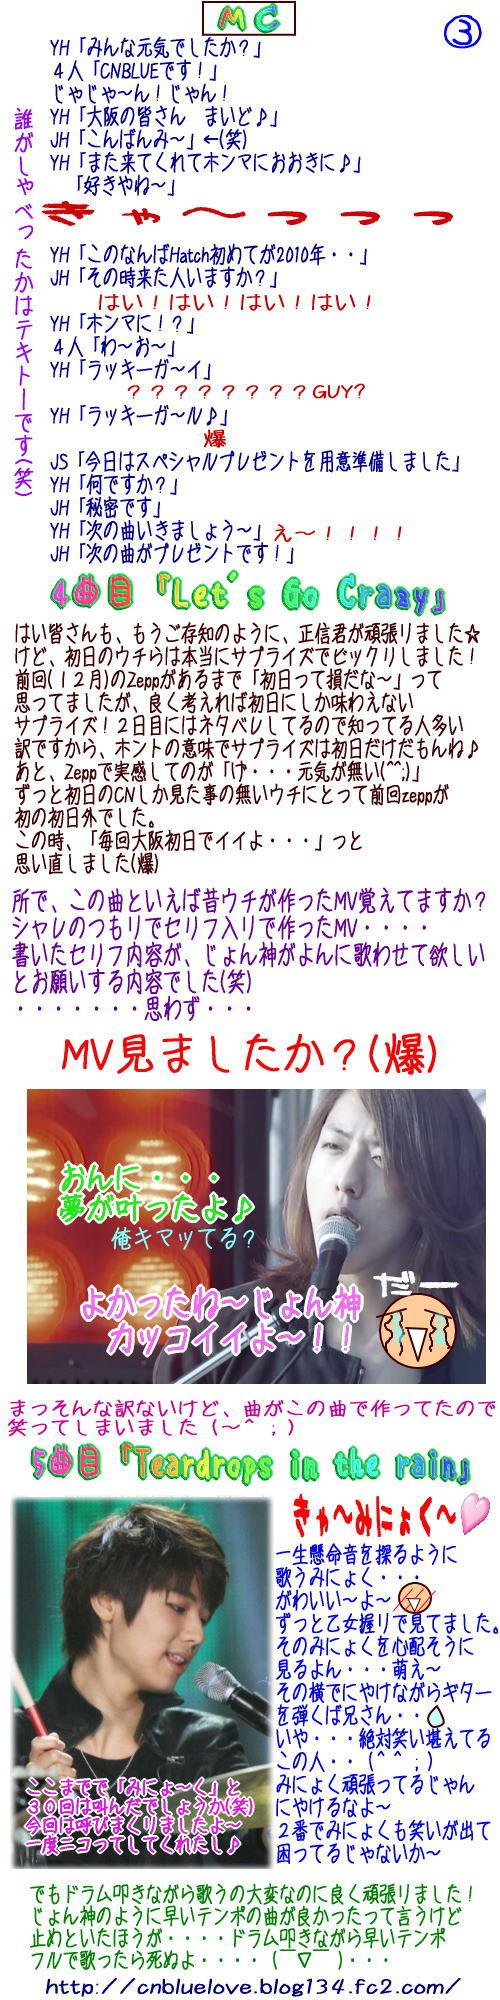 2012.01.13なんばHatch-3